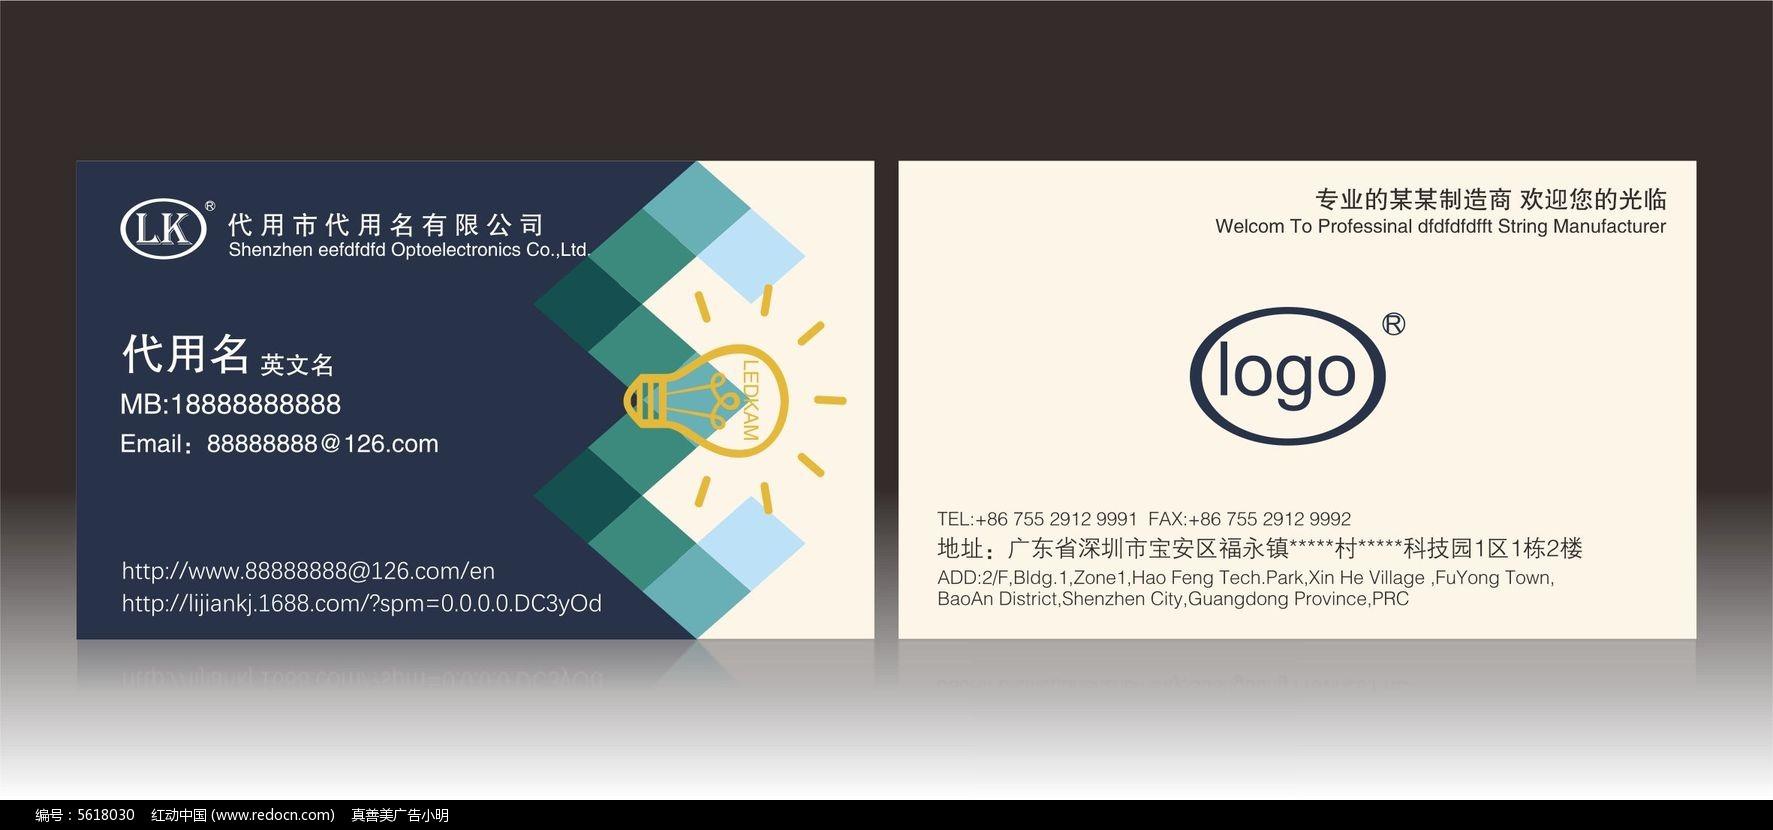 简单高端大气名片模版cdr素材下载_企业名片设计模板图片